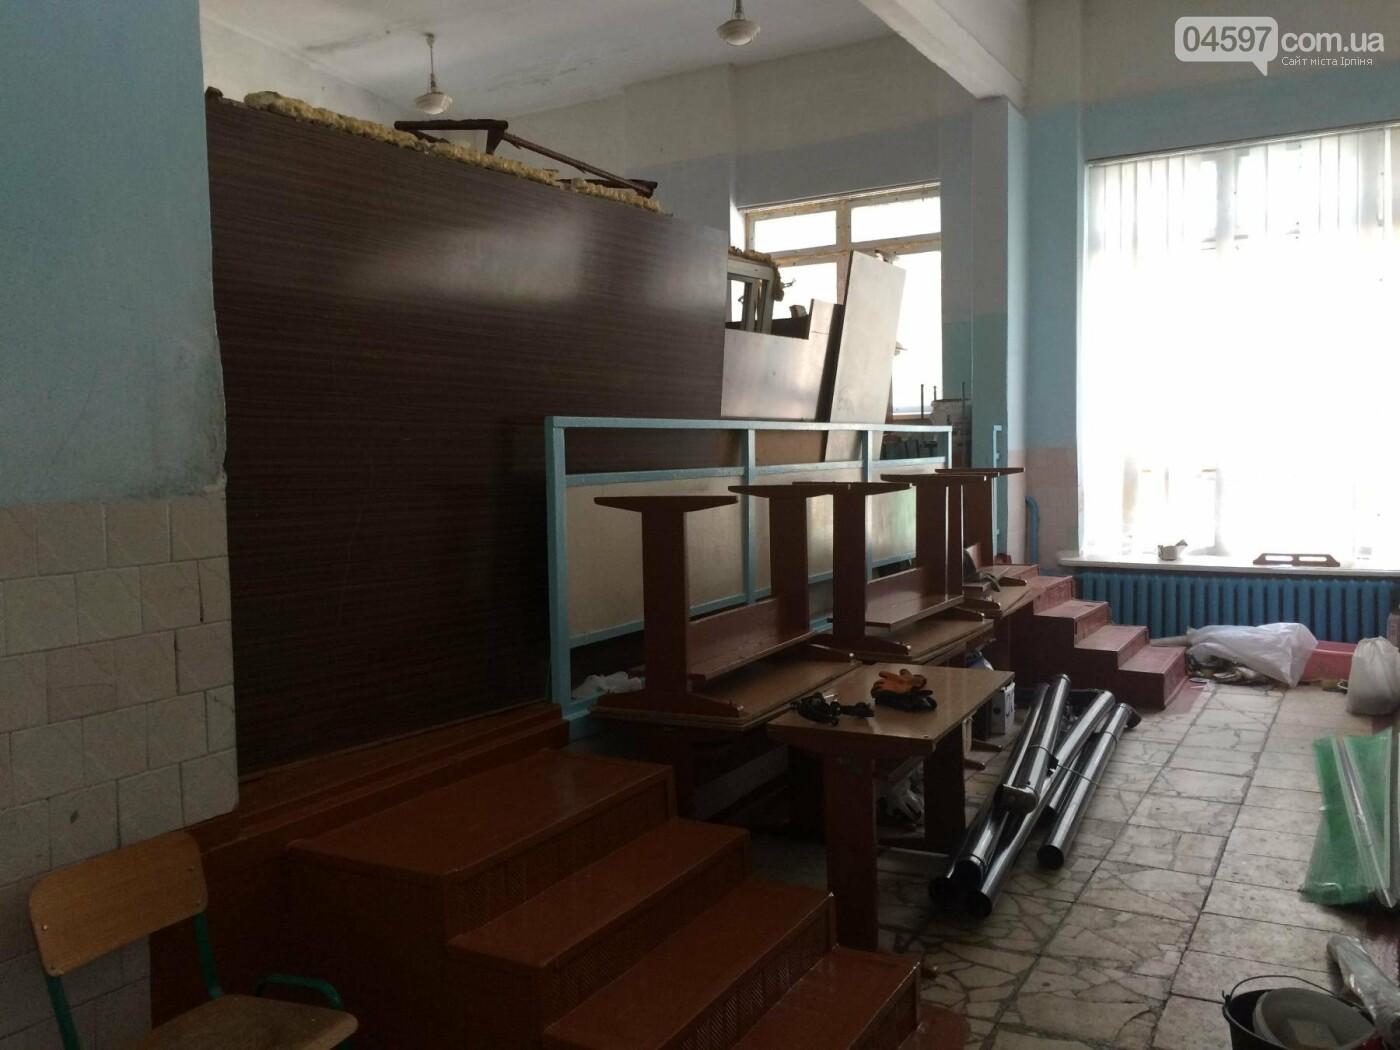 Як виглядатиме їдальня в 17 школі після реконструкції, фото-8